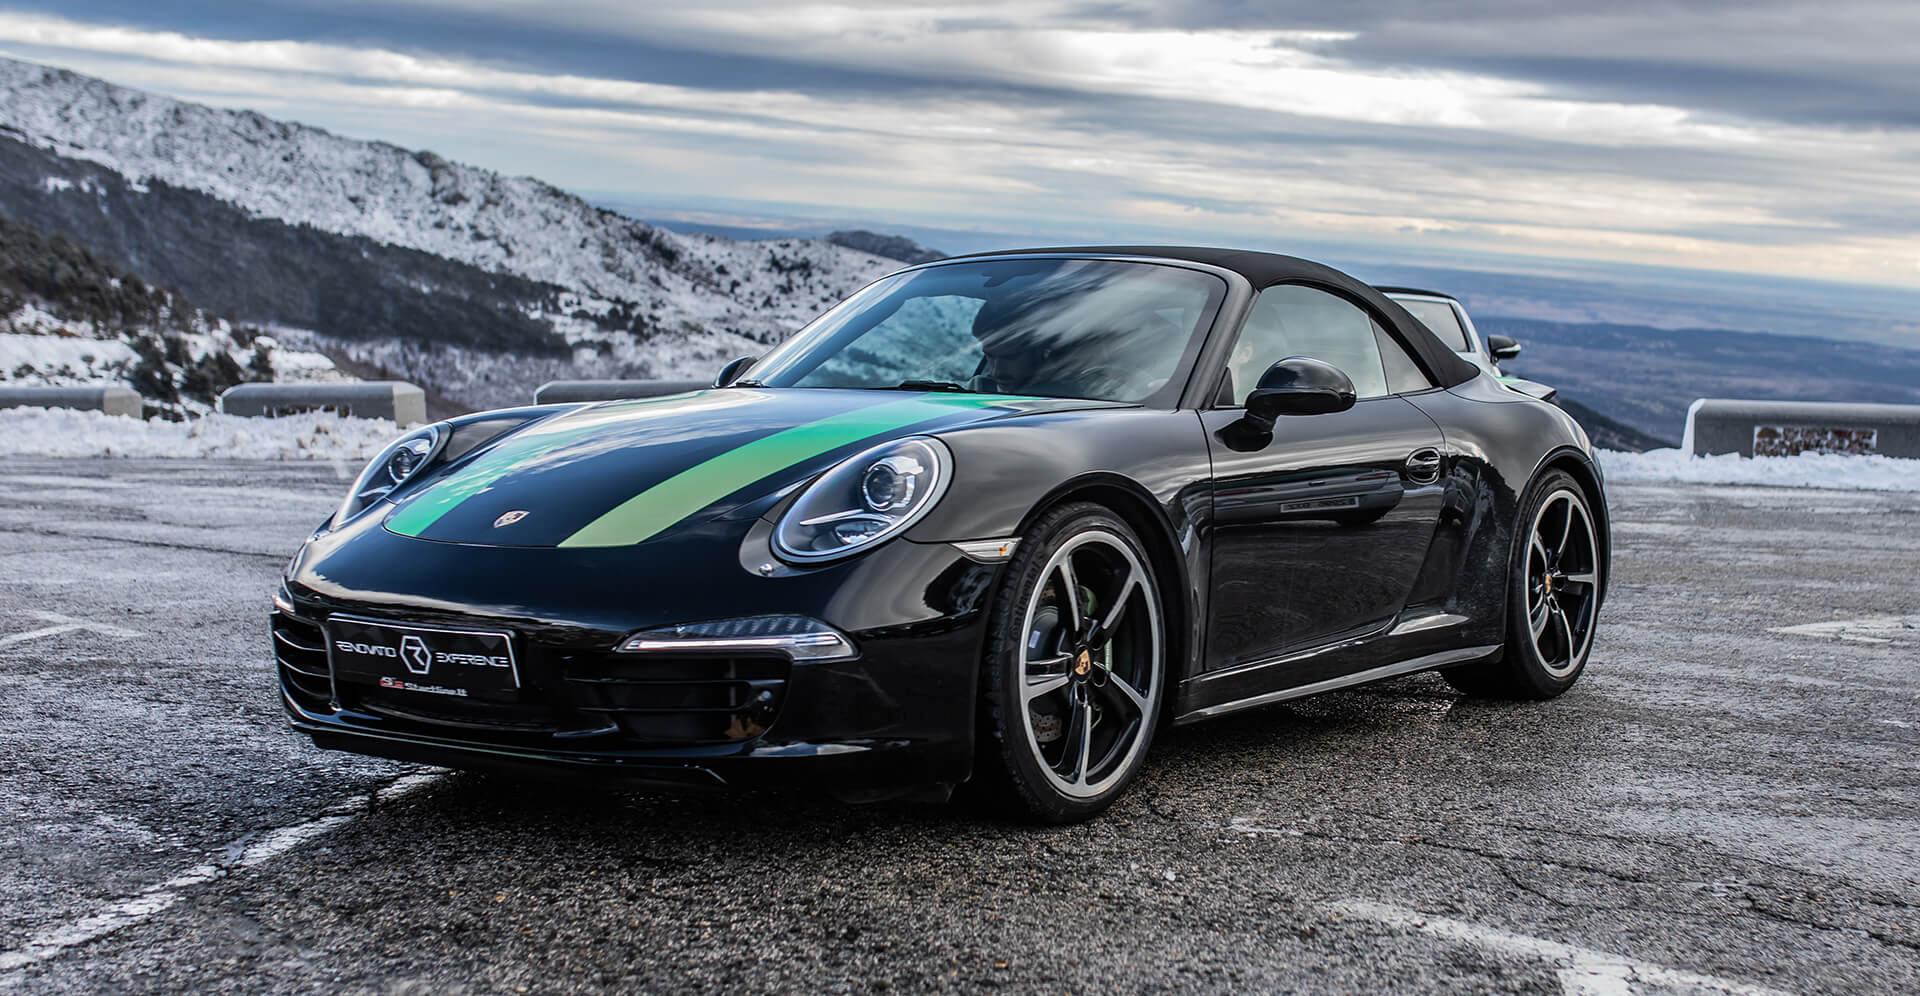 Porsche Carrera 4S Cabrio